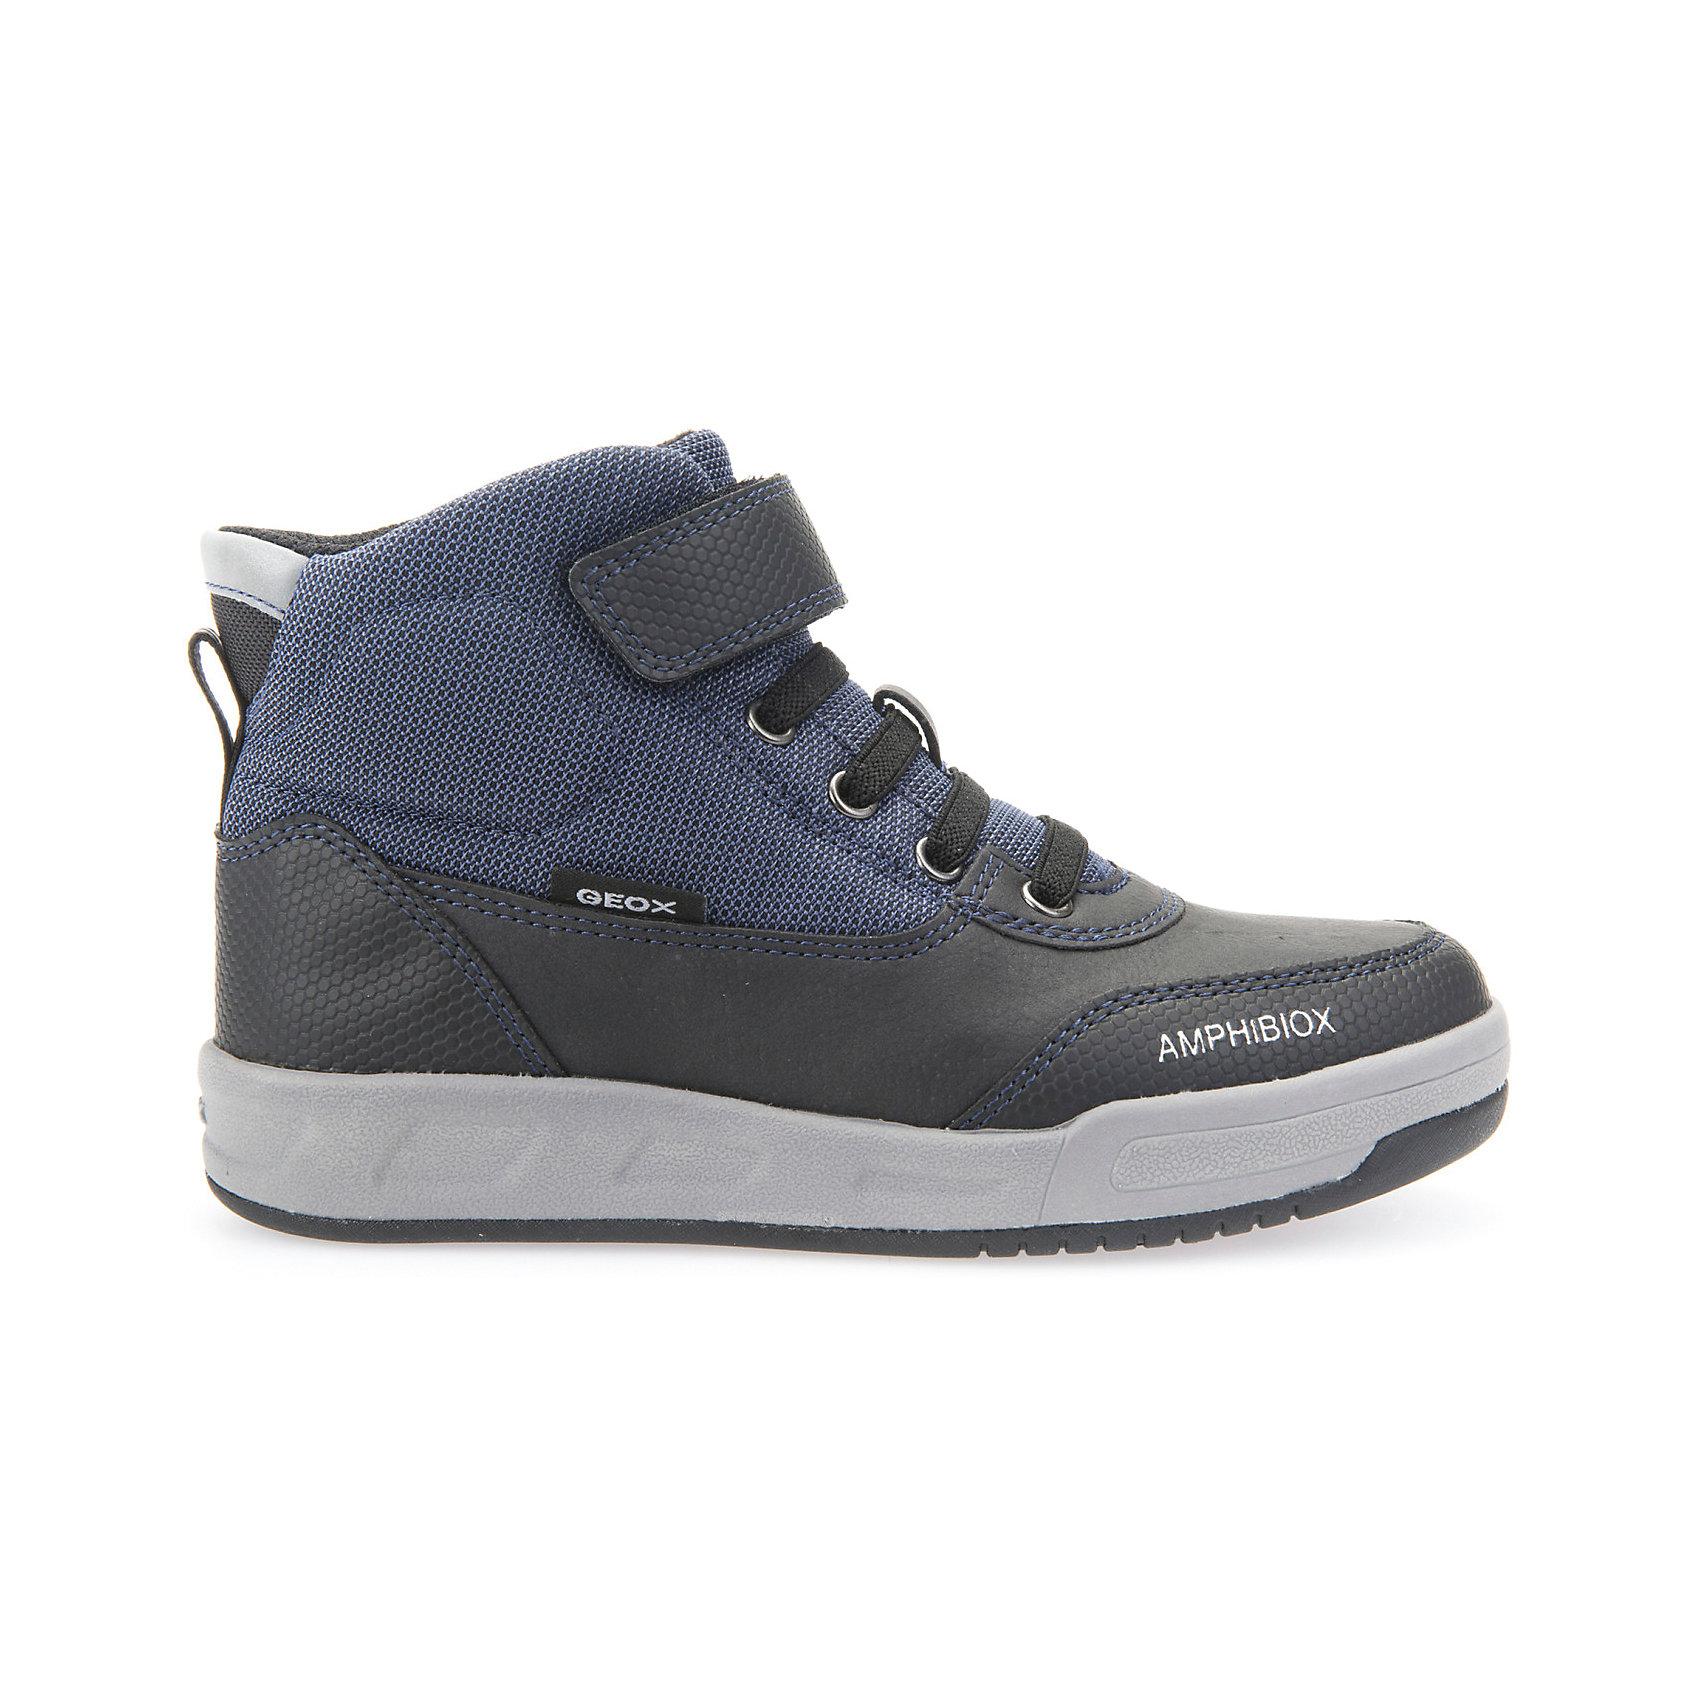 Ботинки для мальчика GEOXСтильные ботинки для мальчика от знаменитого итальянского бренда взрослой и детской одежды и обуви GEOX (Геокс). Ботинки представлены в классическом темно-синем цвете, который отлично сочетается с черными деталями отделки и серой подошвой. Идеальные ботинки на каждый день имеют все необходимое для удобства и комфорта ребенка. Разработанная технология подошвы ботинок не позволяет им скользить, отлично амортизирует шаги и позволяет стопе дышать. Мягкая подошва отлично гнется, обеспечивая безопасность шагов, поддерживая стопу и оставляя свободу движения. Эргономичная войлочная стелька и высокий задник хорошо фиксируют голеностоп и удобны в носке. Внутренний материал и практичная застежка на липучках позволяют легко надевать и снимать кроссовки, не заботясь о шнурках. Полуботинки оставляют ноги ребенка сухими, позволяя им дышать. Рекомендованы на сезон осень-весна.<br>Дополнительная информация:<br>- Состав:<br>верх: синтетика <br>подкладка:  текстиль <br>стелька:  войлок<br>подошва: резина<br>Ботинки для мальчика GEOX (Геокс) можно купить в нашем магазине.<br>Подробнее:<br>• Для детей в возрасте: от 5 до 12 лет<br>• Номер товара: 5007913<br>Страна производитель: Вьетам<br><br>Ширина мм: 257<br>Глубина мм: 180<br>Высота мм: 130<br>Вес г: 420<br>Цвет: черный<br>Возраст от месяцев: 108<br>Возраст до месяцев: 120<br>Пол: Мужской<br>Возраст: Детский<br>Размер: 35,30,29,28,27,38,34,37,32,31,33,36<br>SKU: 5007913